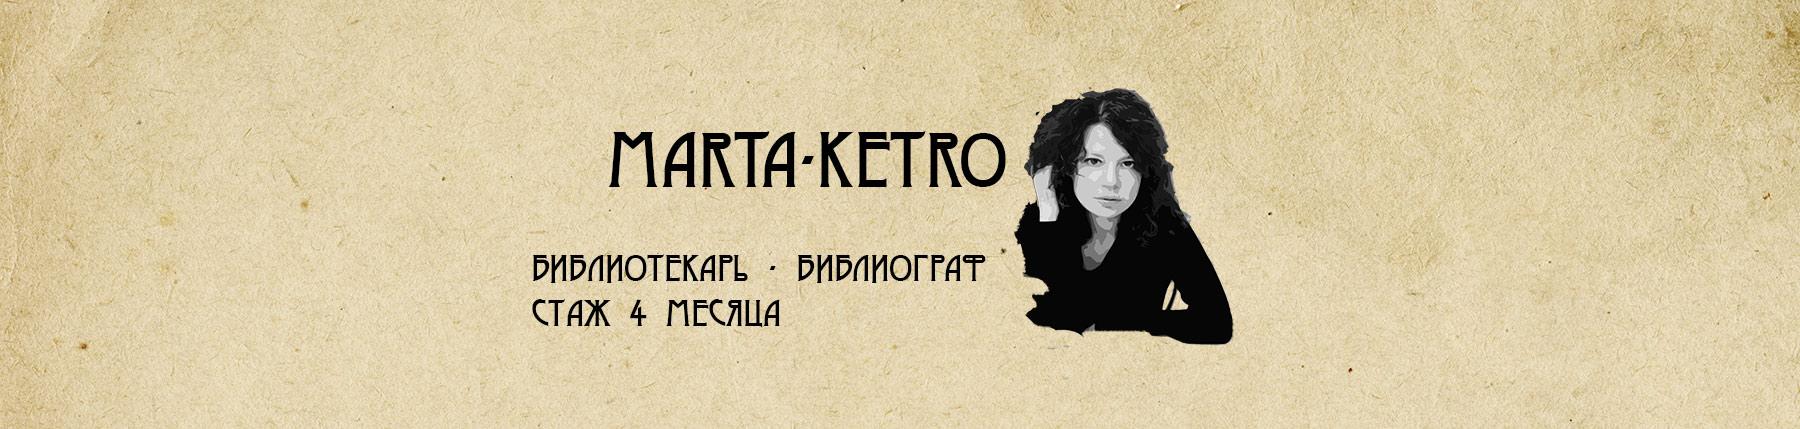 марта-кетро